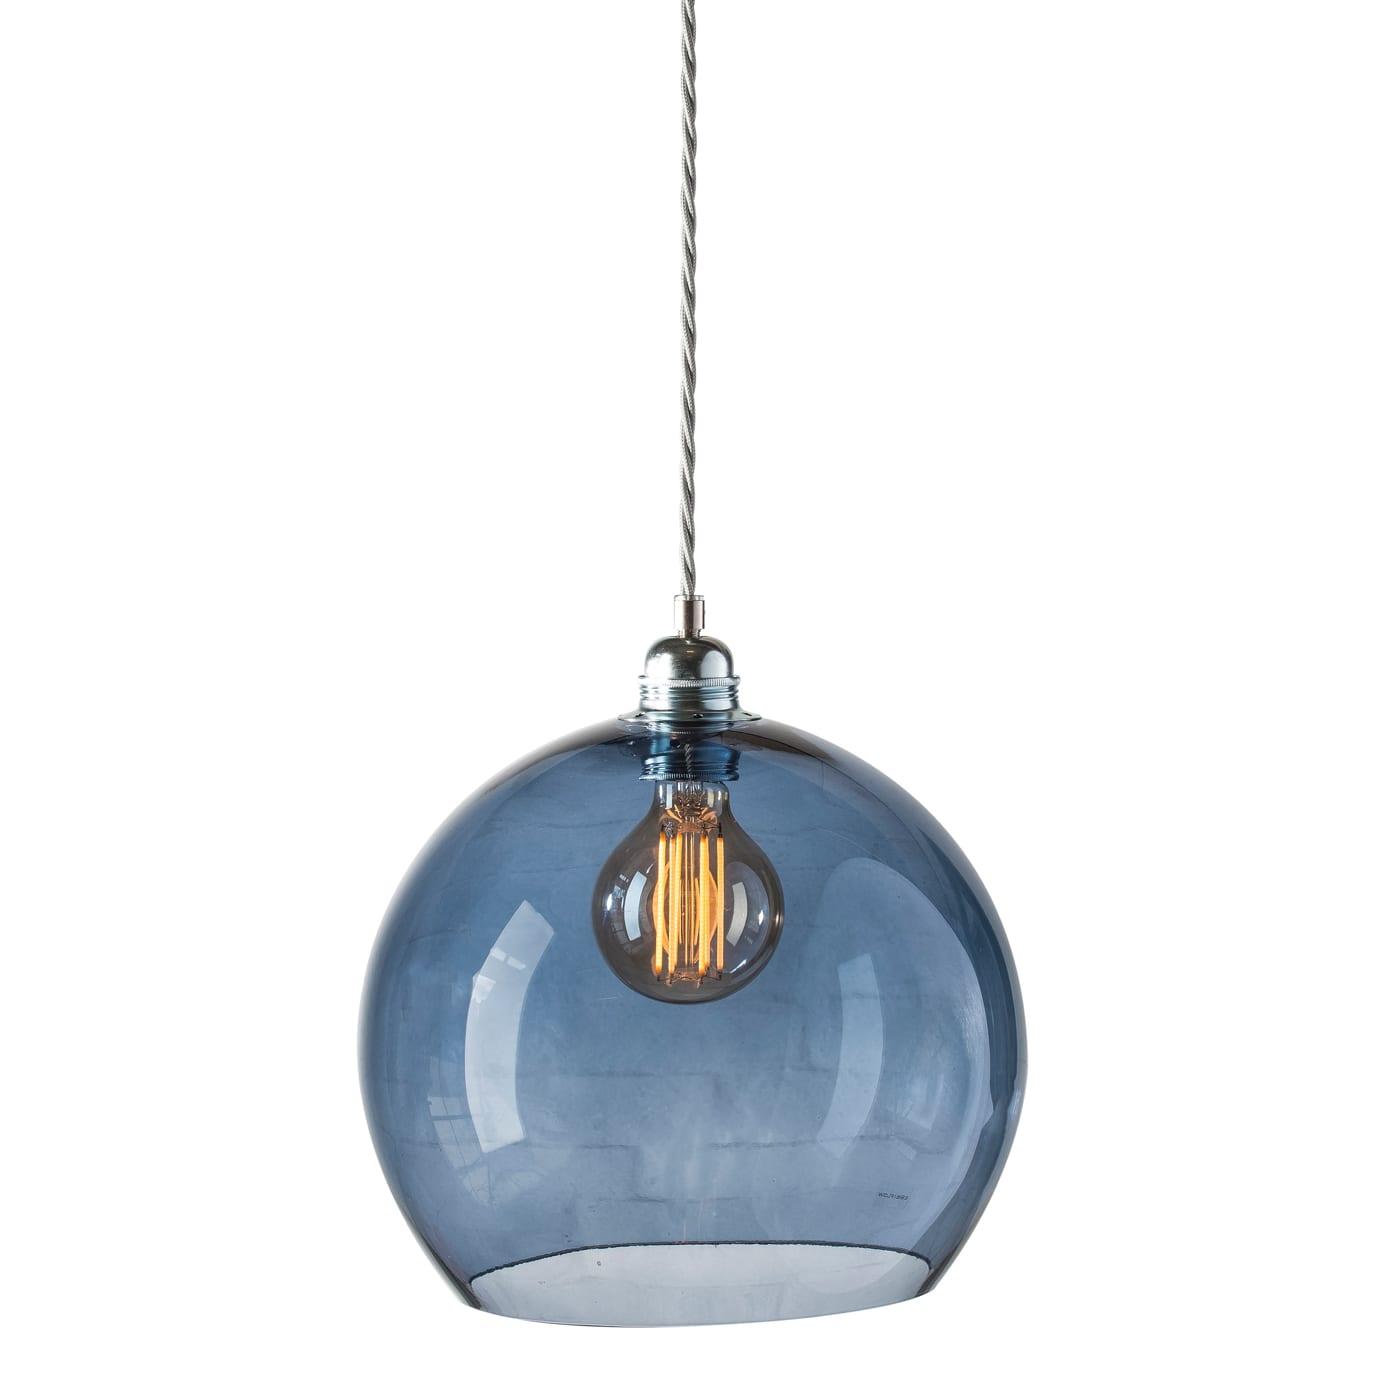 Rowan pendant lamp, deep blue, 28cm